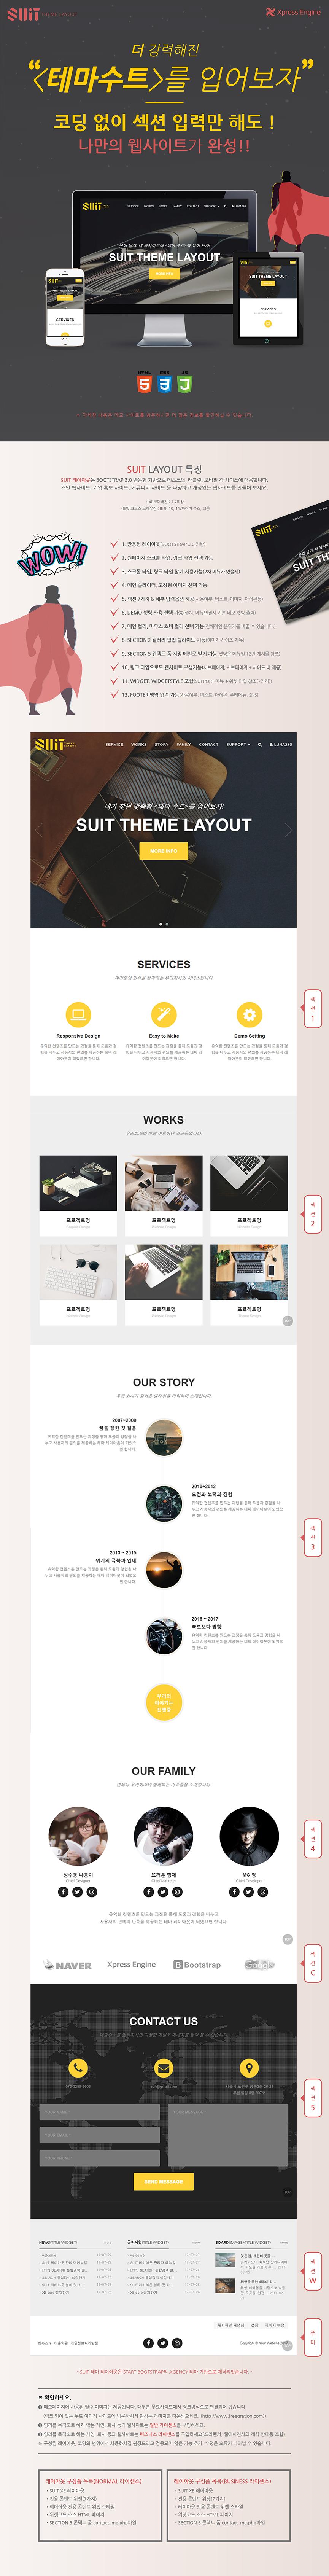 s_introduce.jpg